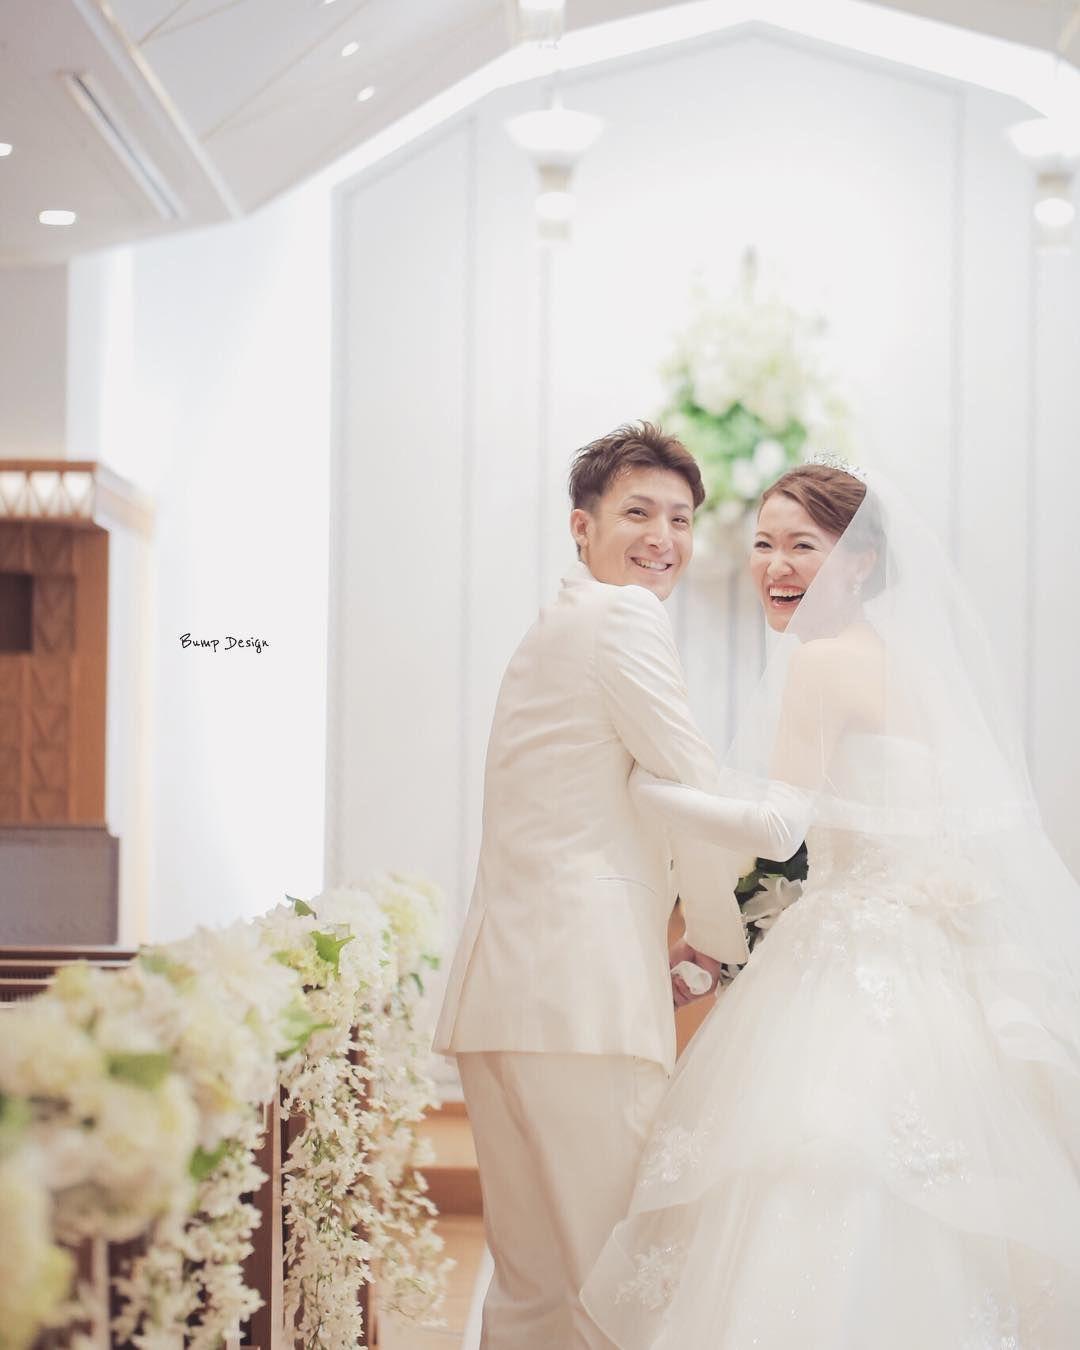 さぁ結婚式 はじまるよー チャペルでちょっとだけ 二人の写真タイム なぜかカメラマンの 僕をみて大爆笑 これでいいんです笑 カメラマンが本気モードで 現れるだけで なぜか笑みが溢れる そうだとしたら この上ない幸せです 写真には カメラマンと 新郎 ウェディング